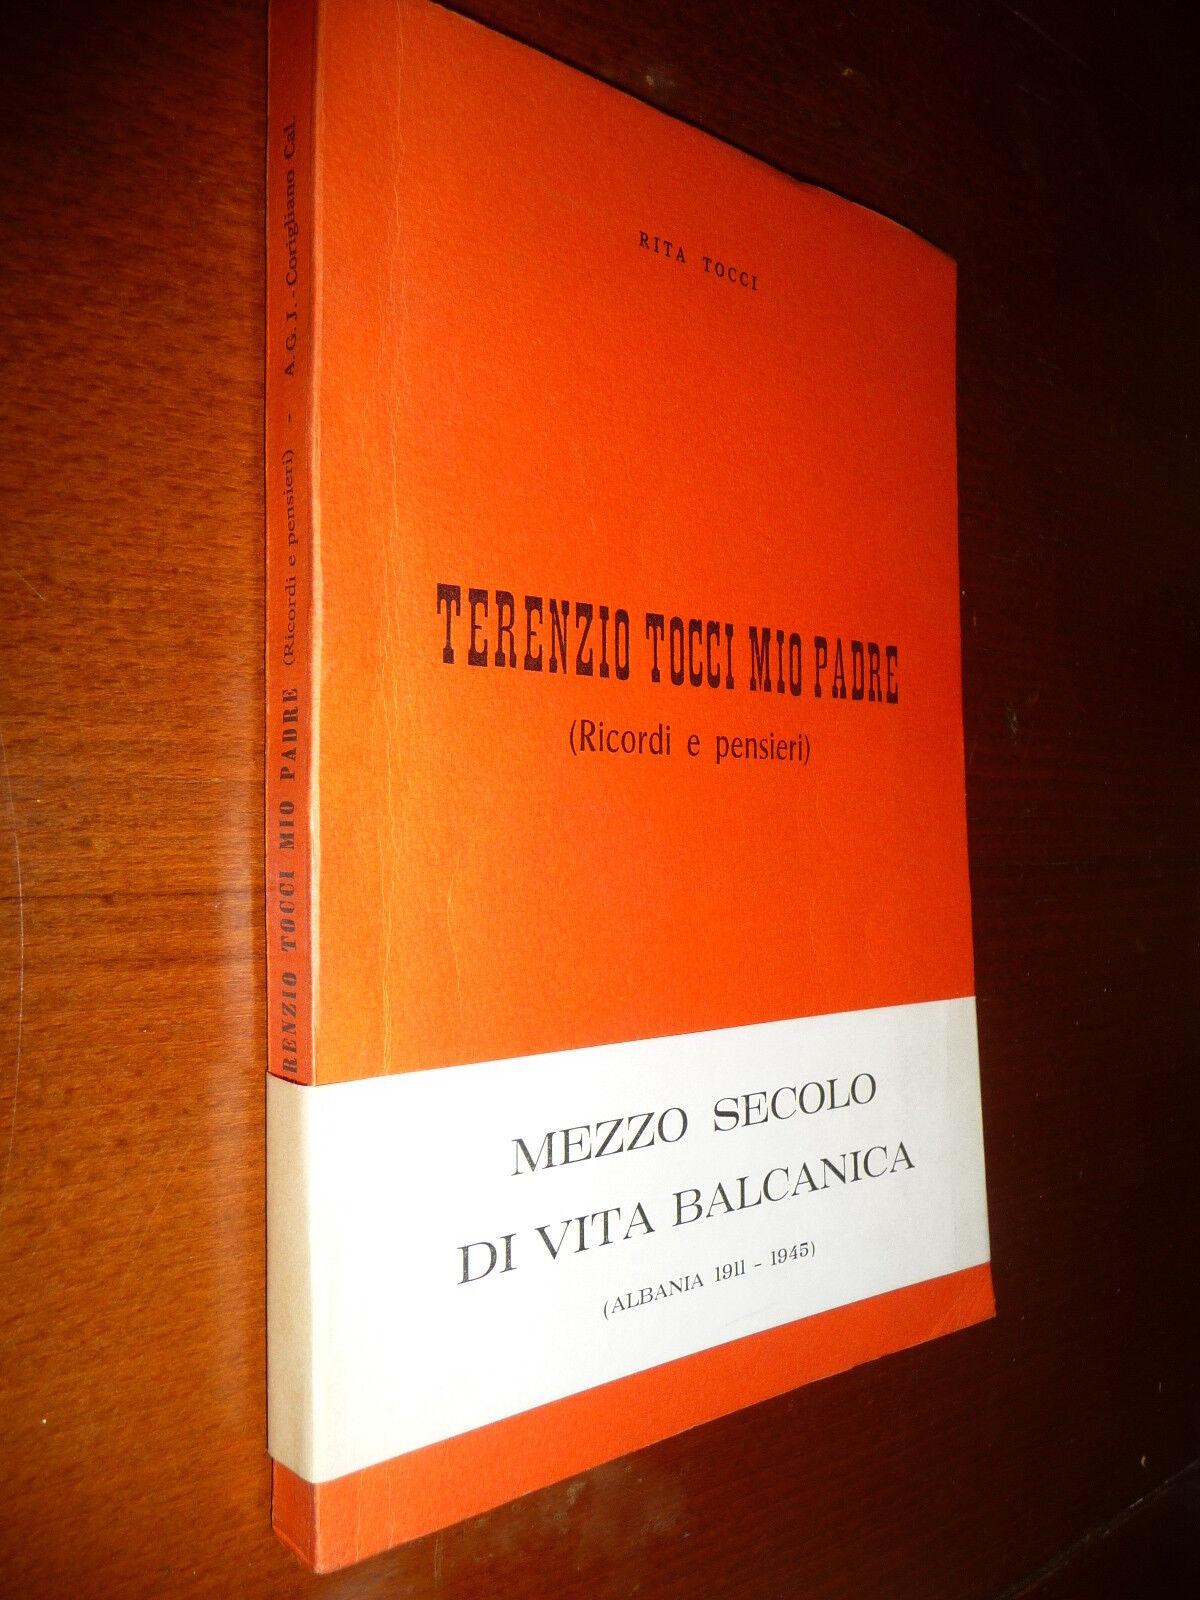 TERENZIO TOCCI MIO PADRE RITA TOCCI MEZZO SECOLO DI VITA BALCANICA 1911-1945